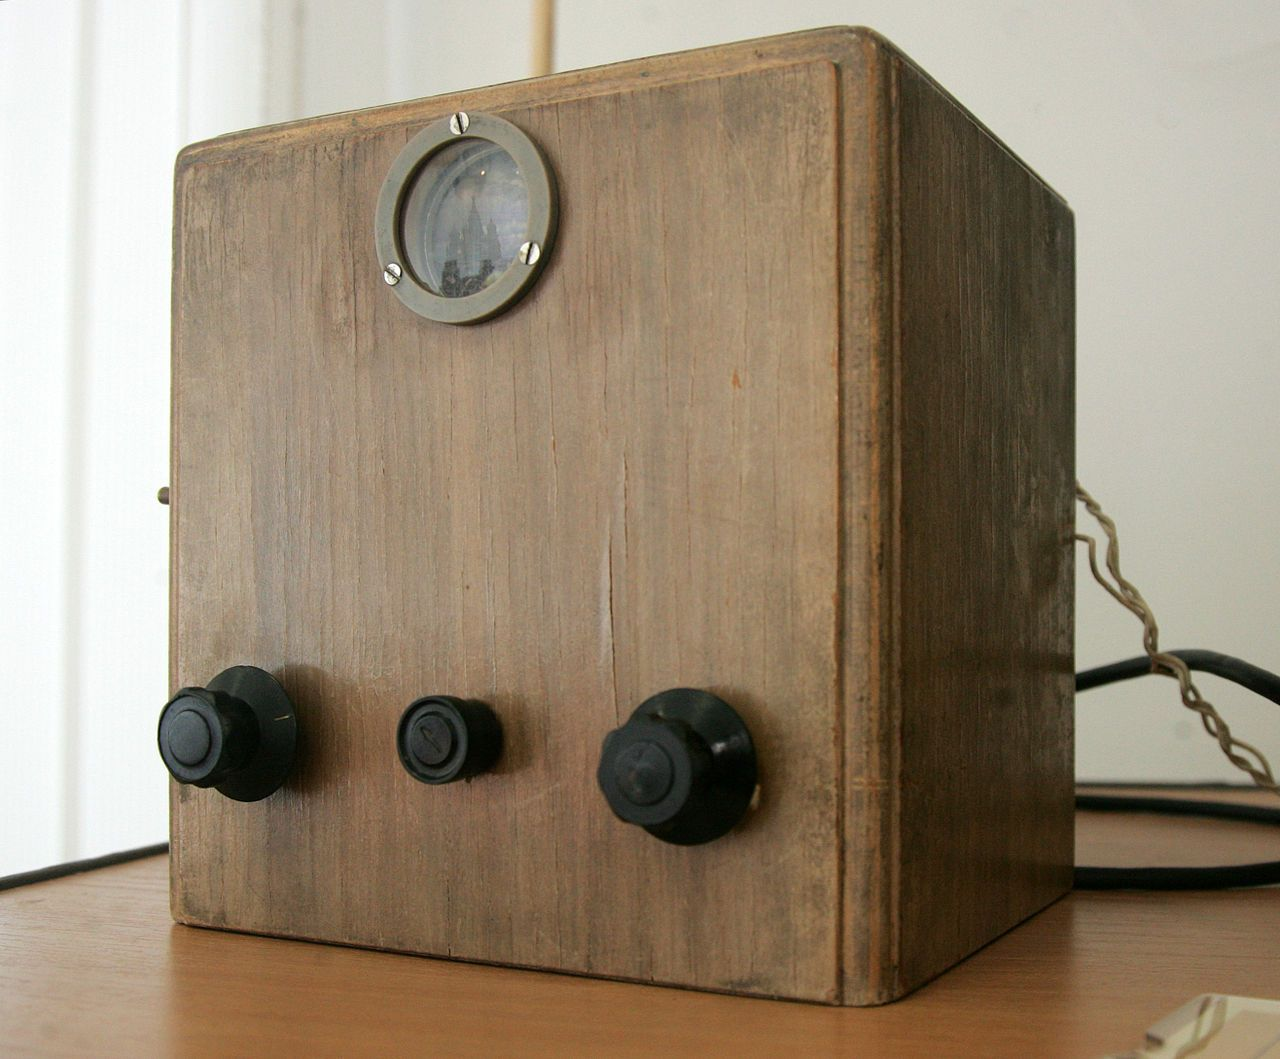 Б-2 е първият съветски телевизор, който влиза в серийно производство